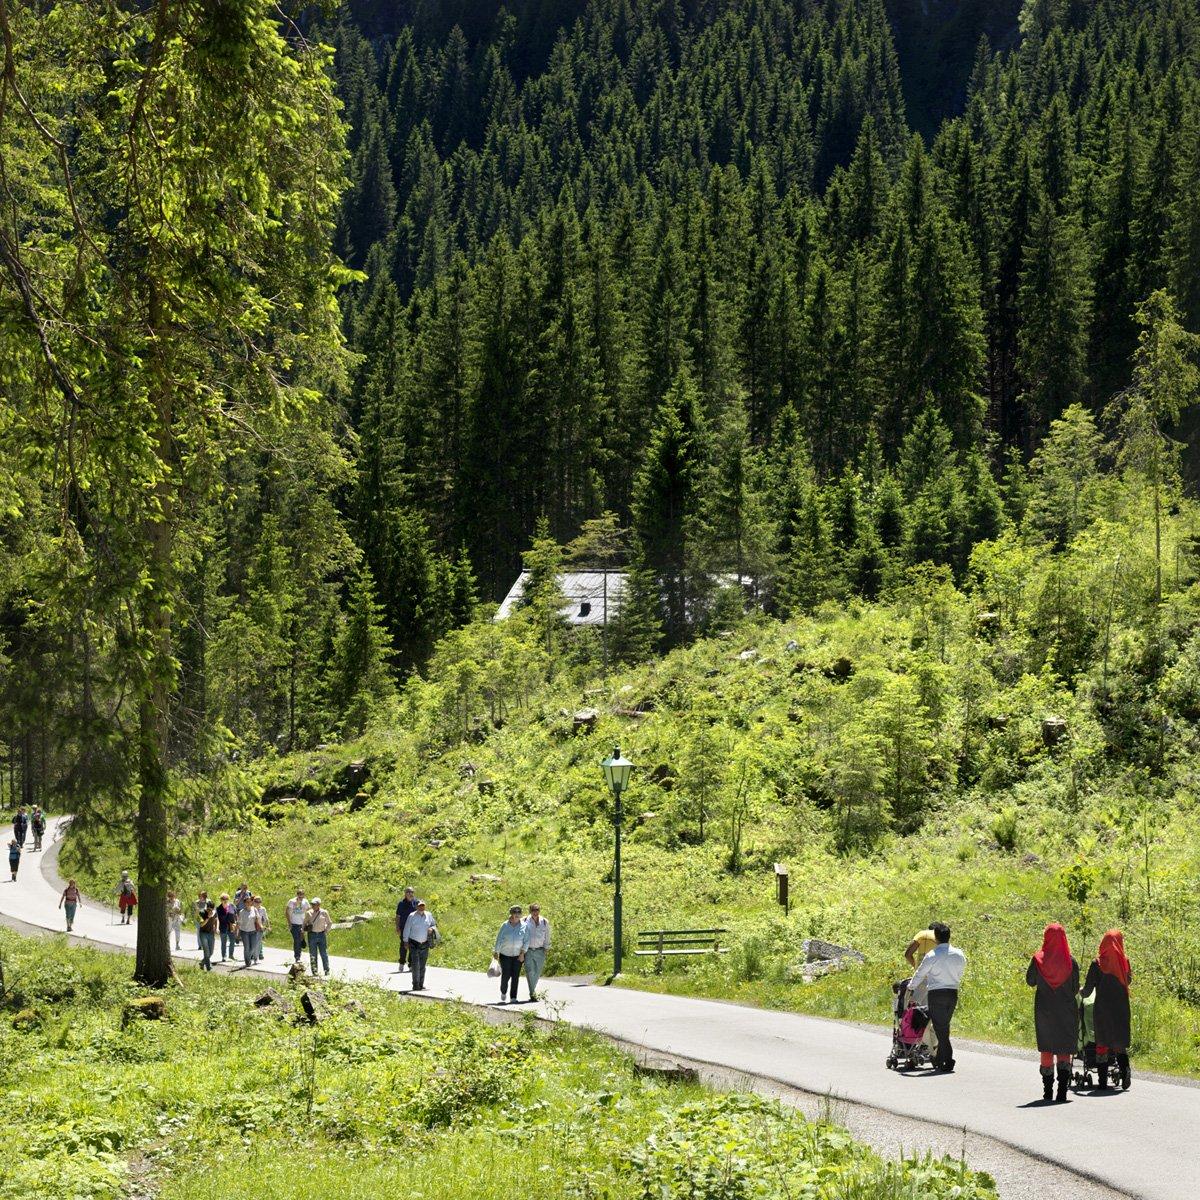 Turistas do Oriente Médio invadem cidade idílica alpina para escapar do calor do verão escaldante 12